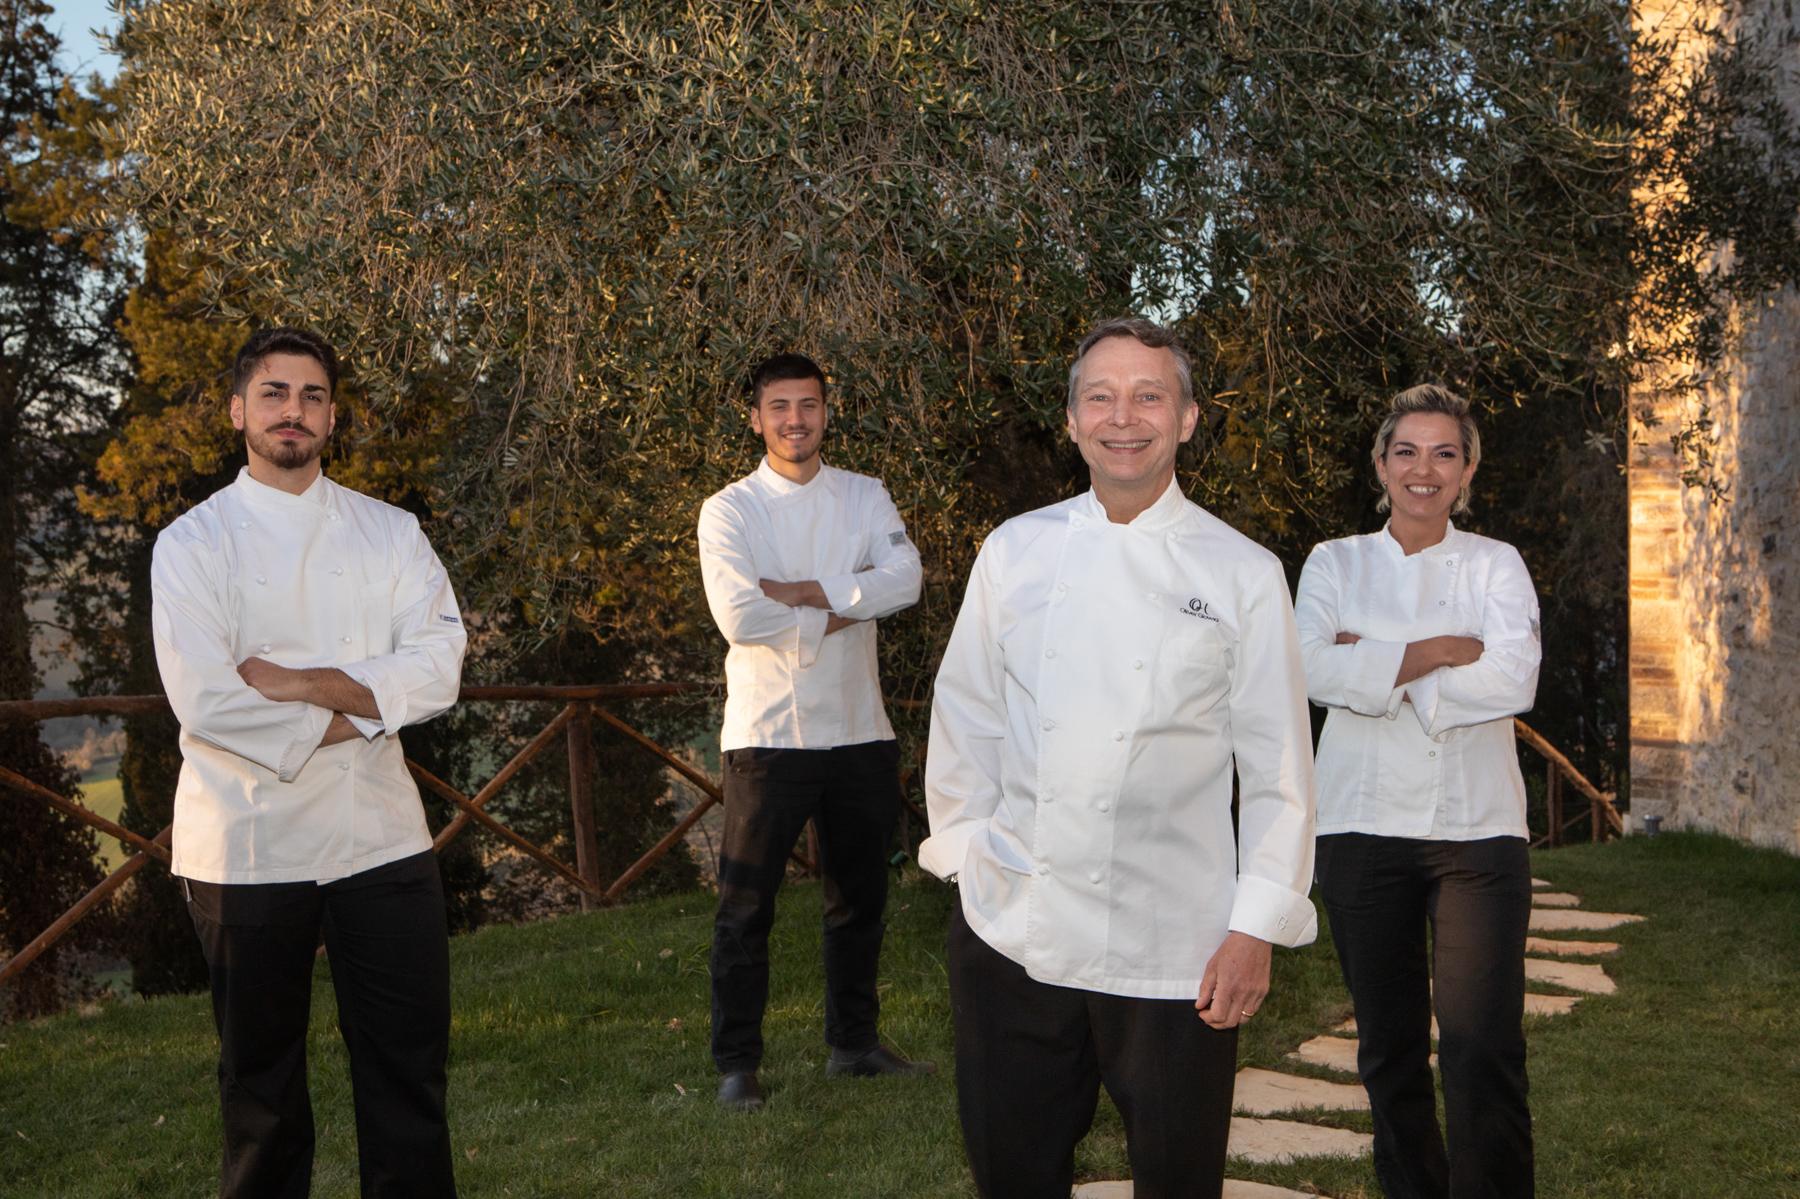 Staff Chef Oliver Glowig